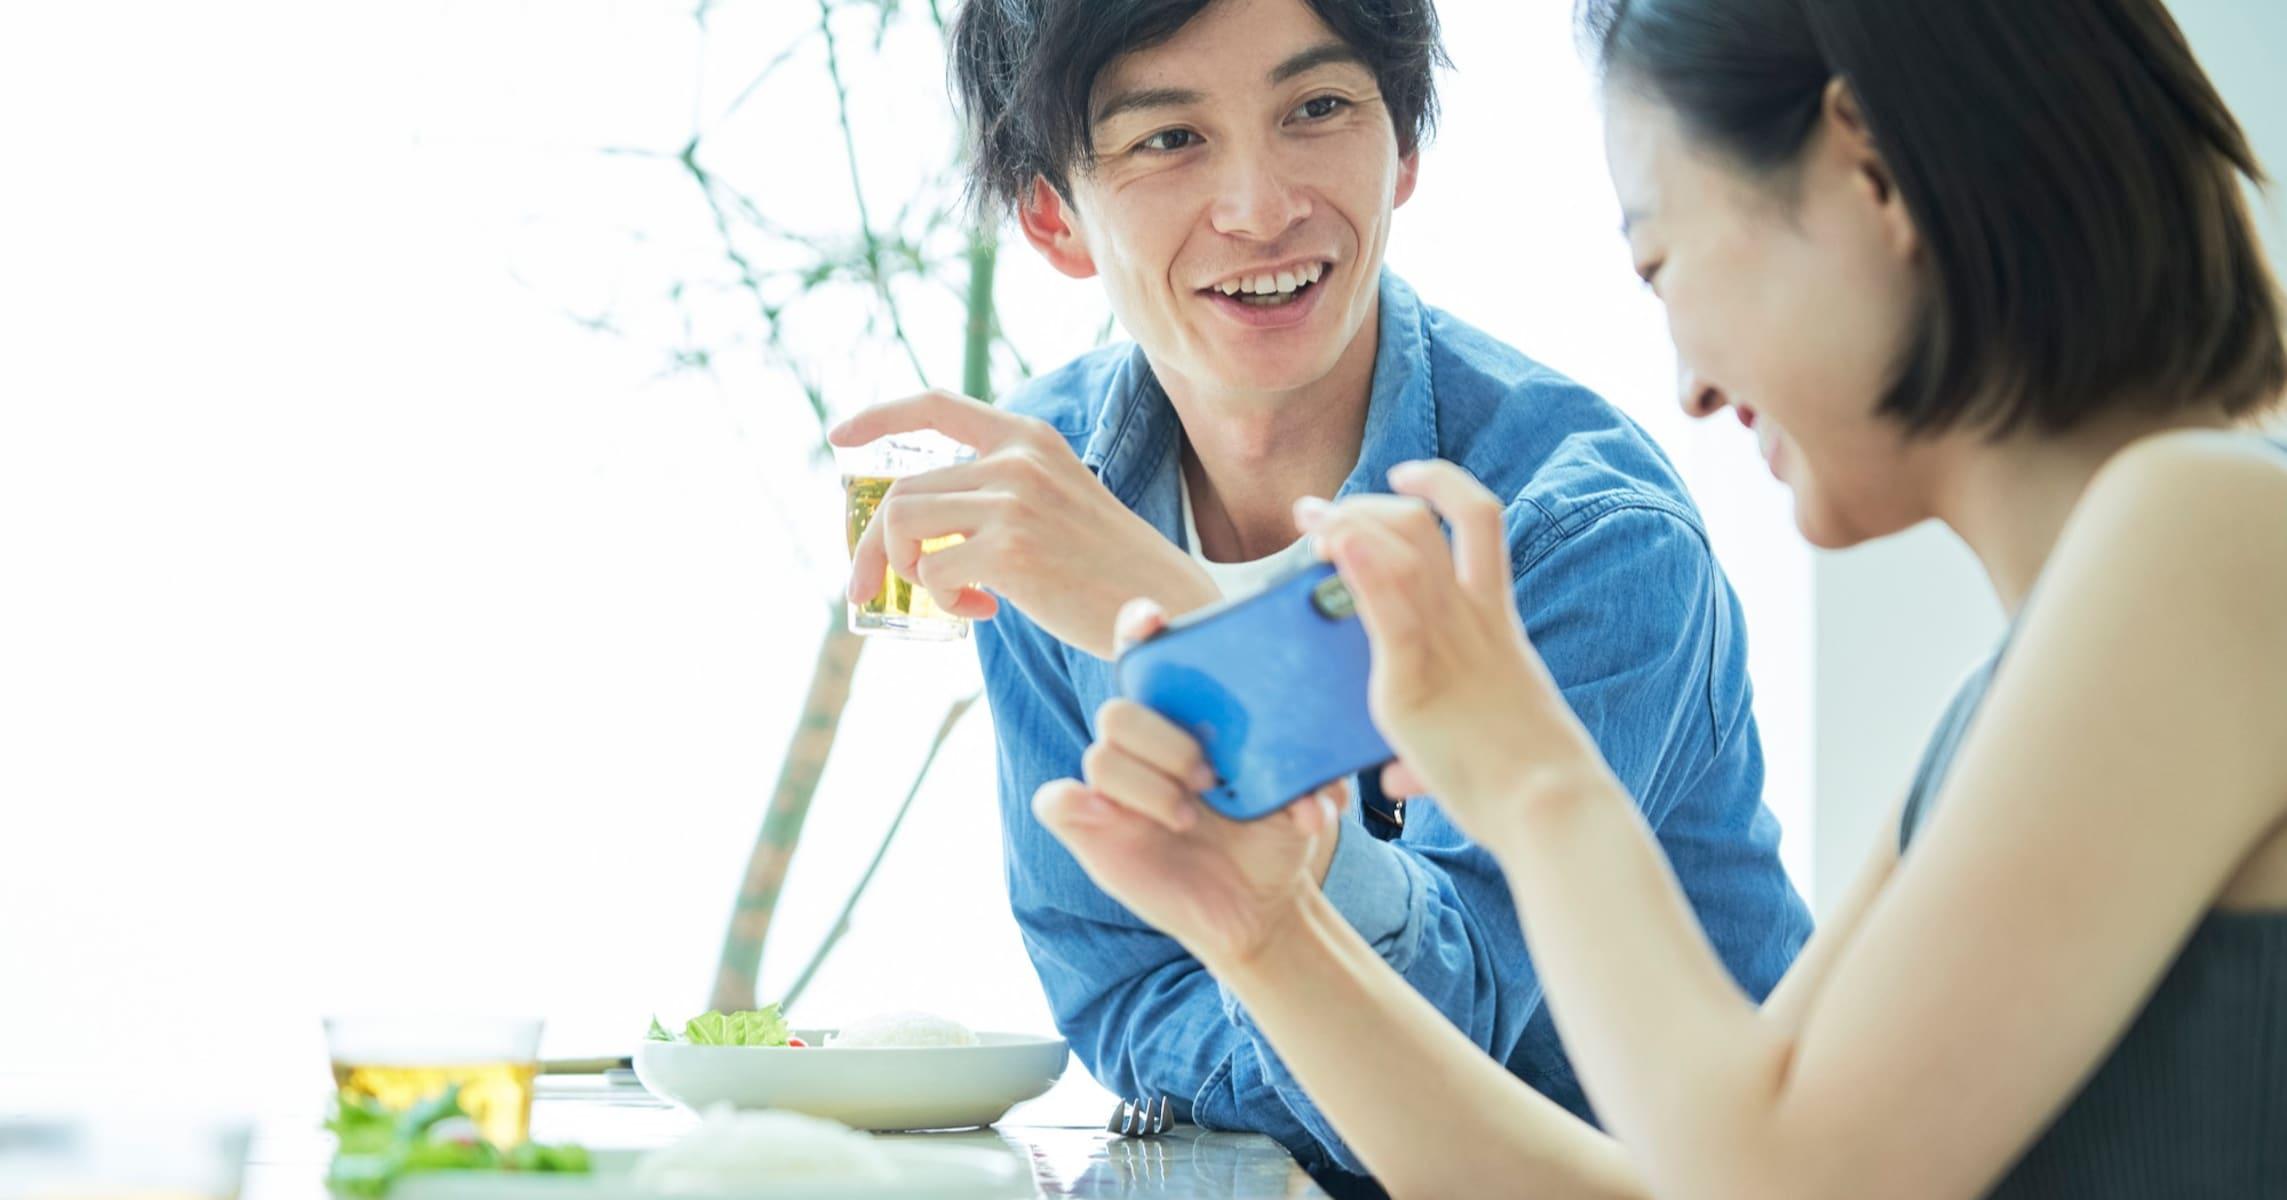 食の好み、笑いのツボ、旅行の頻度…結婚前に合わせておくべき「重要な価値観」が話題に